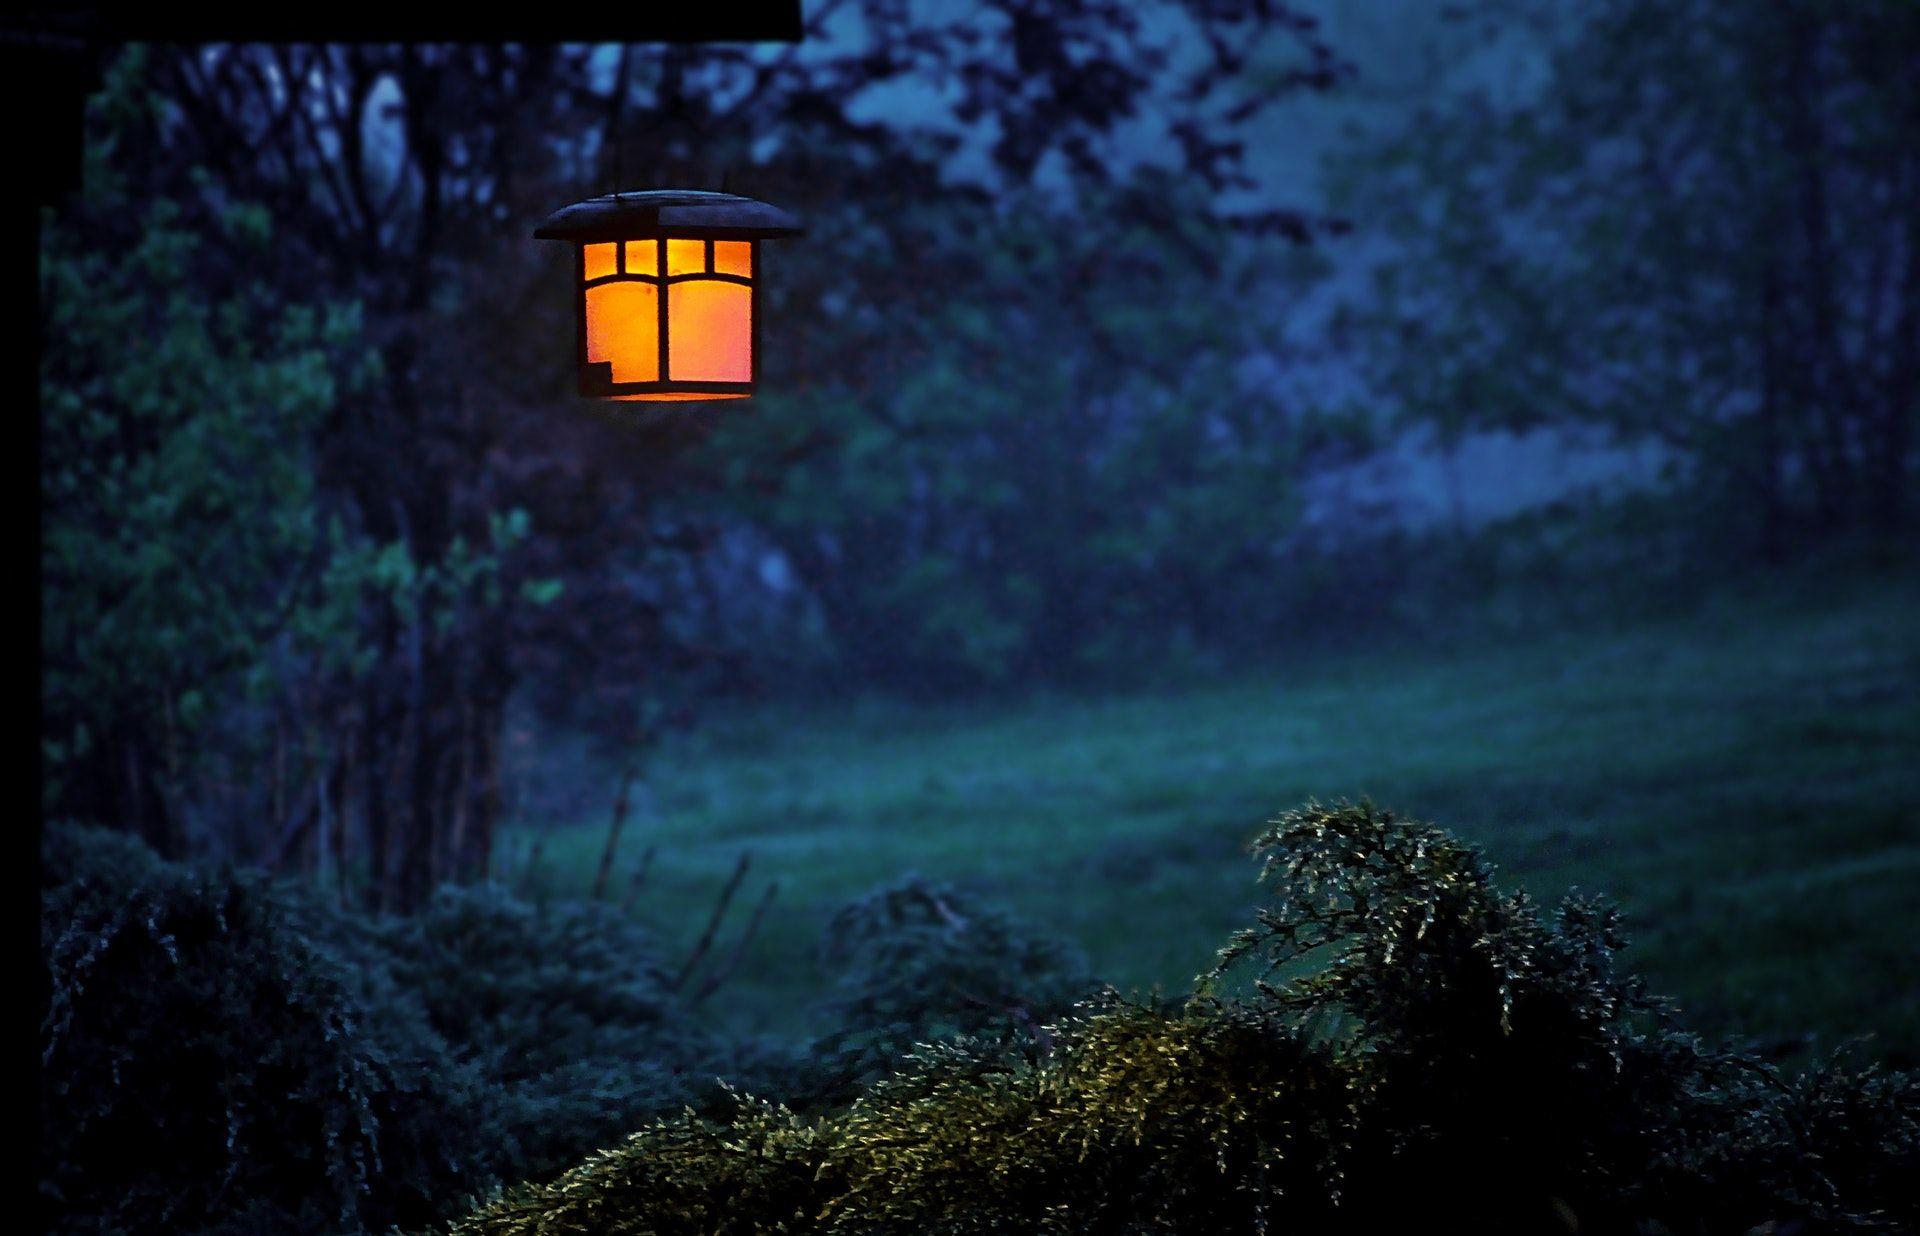 عکس زمینه فانوس روشن در جنگل تاریک پس زمینه